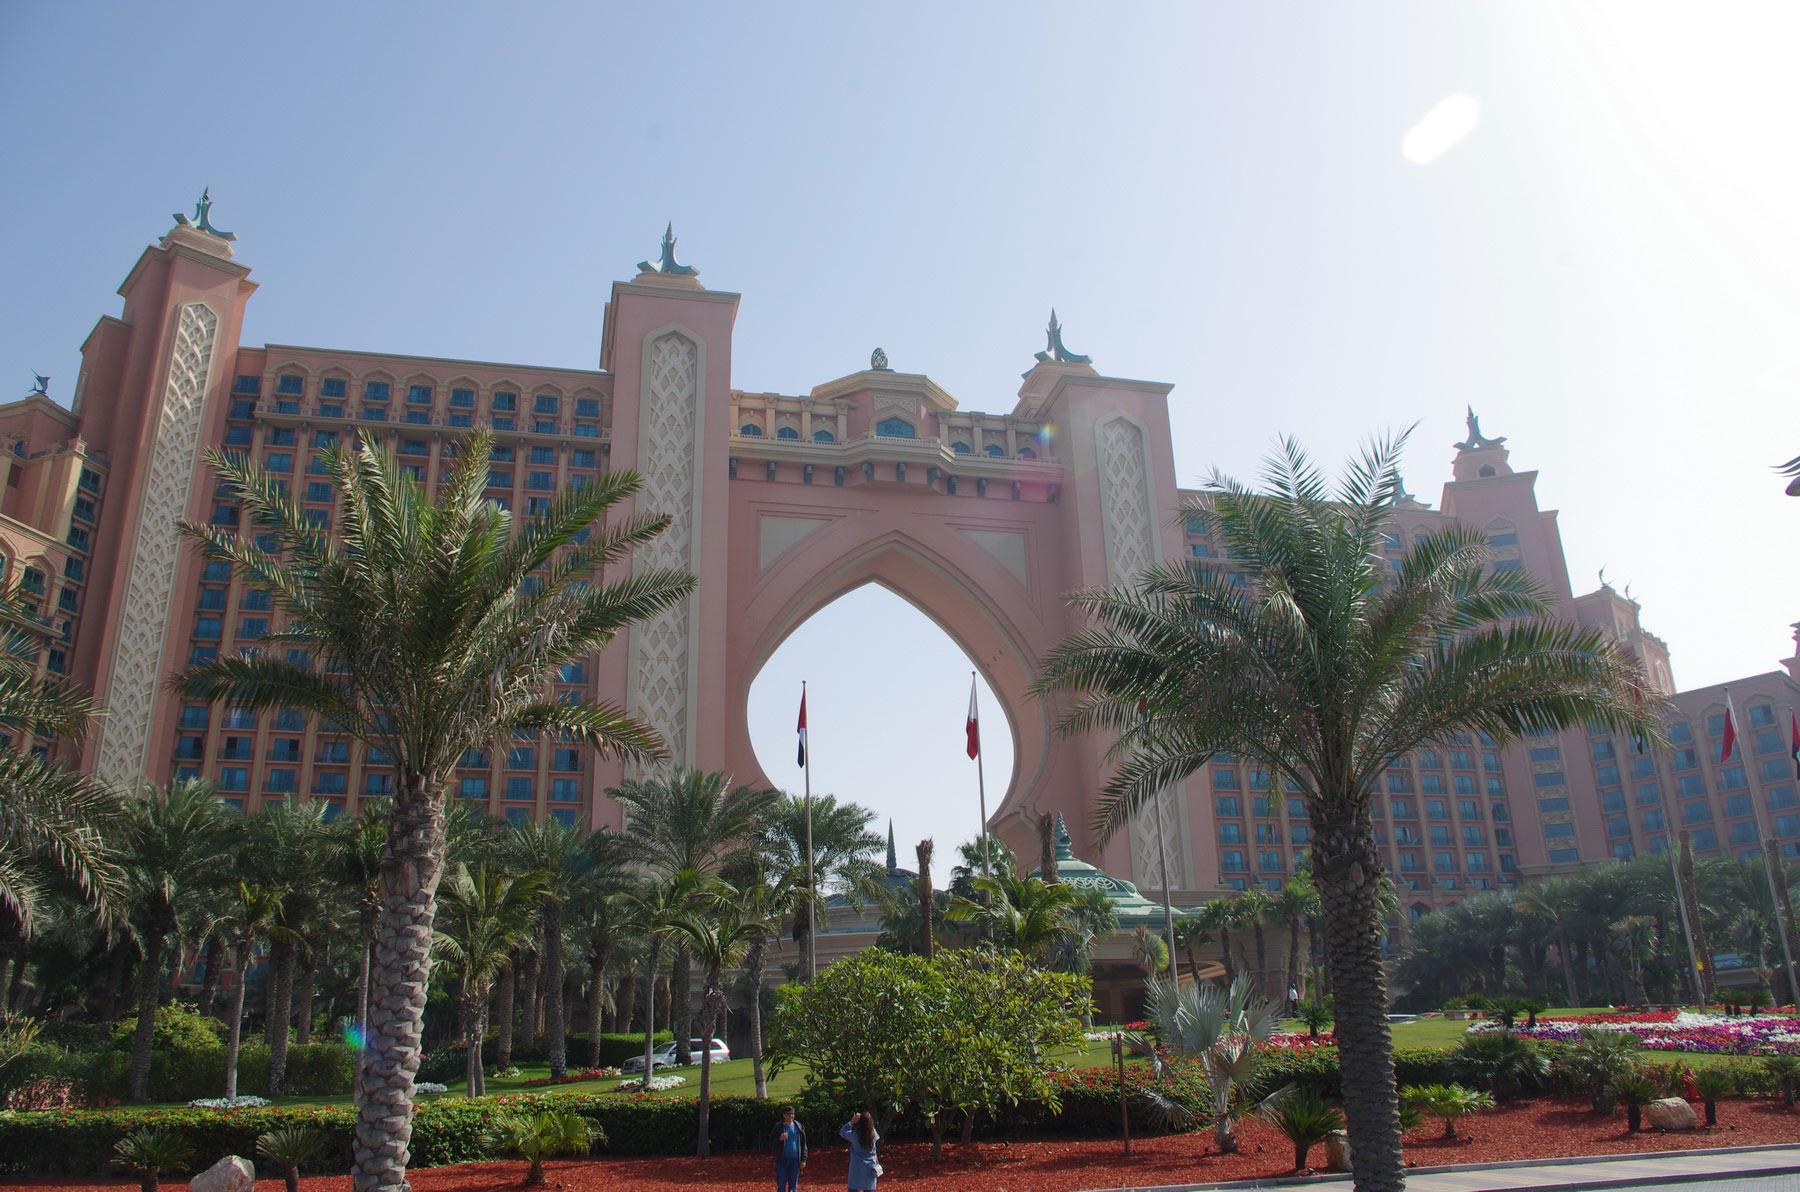 Das Hotel Atlantis The Palm befindet sich an der Spitze der künstlich erschaffenen Palmeninseln Palm Jumeirah.